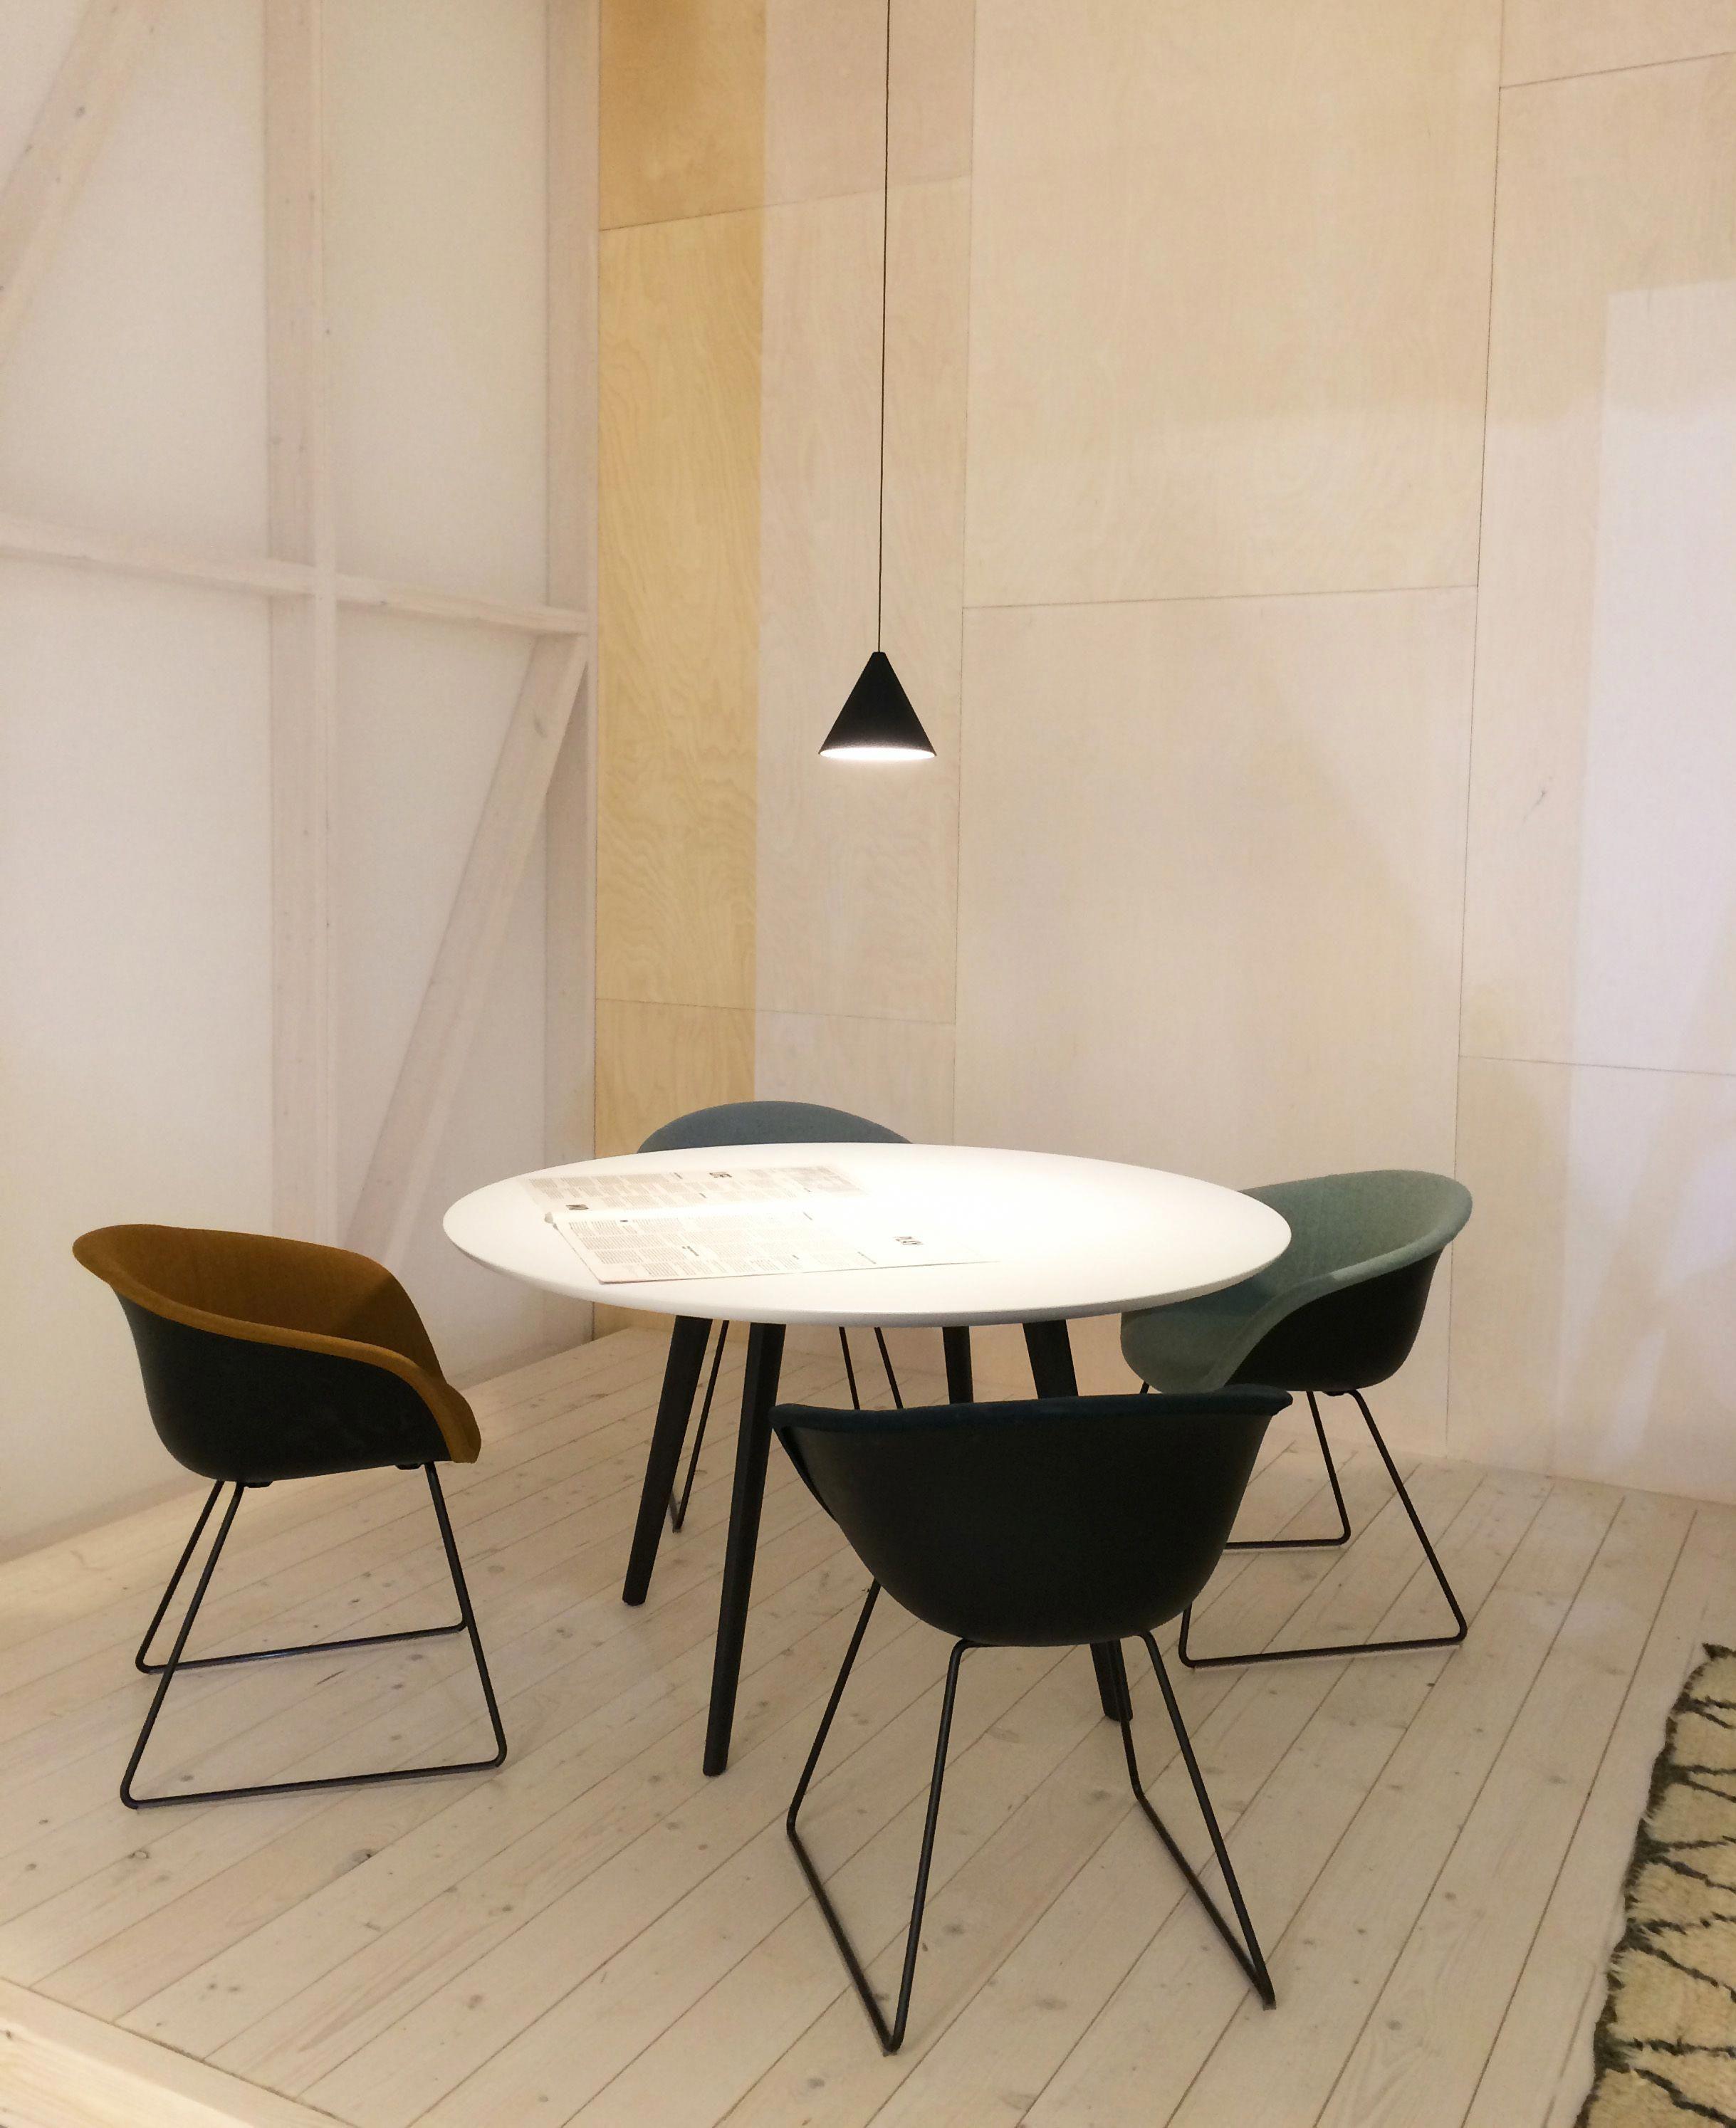 Arper Design Fair I Gher table + Duna 02 chair by lievore